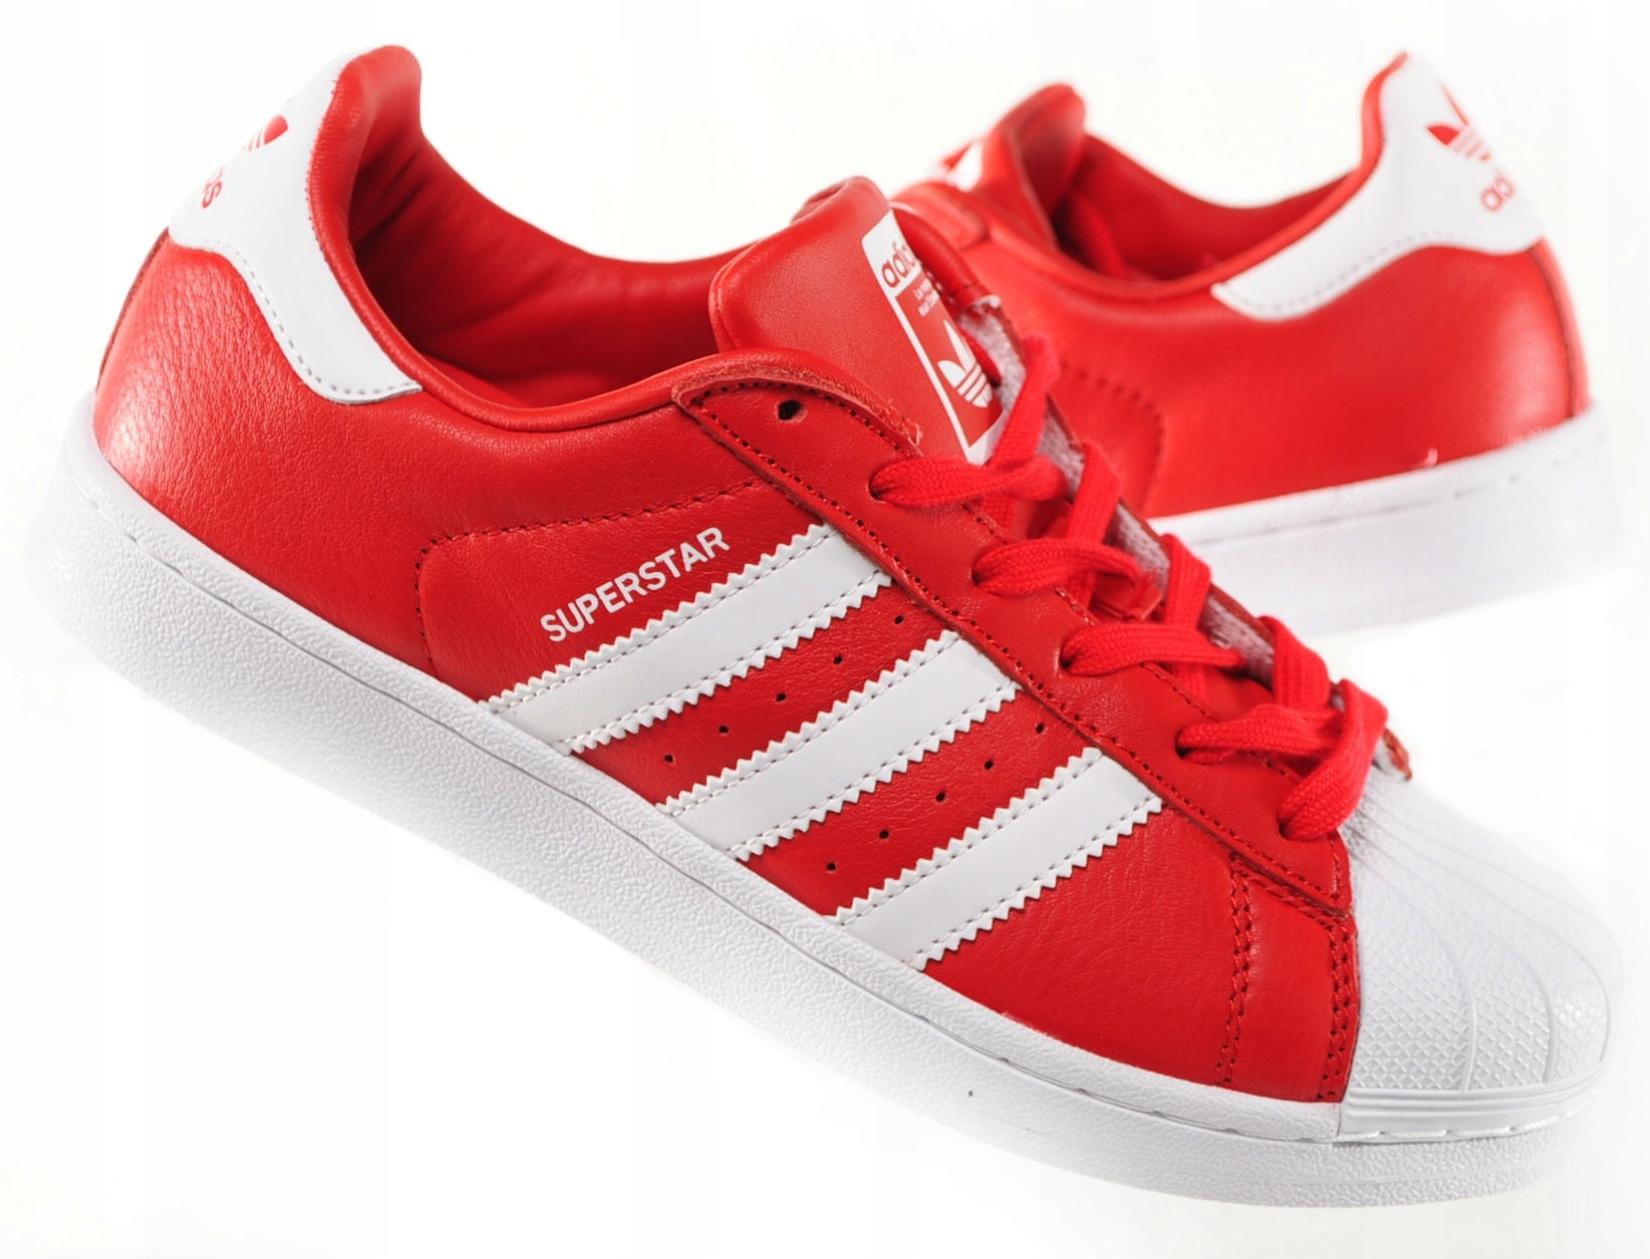 9e66d946 Adidas Superstar Buty Damskie Czerwone 36 2/3 - 7383869162 ...